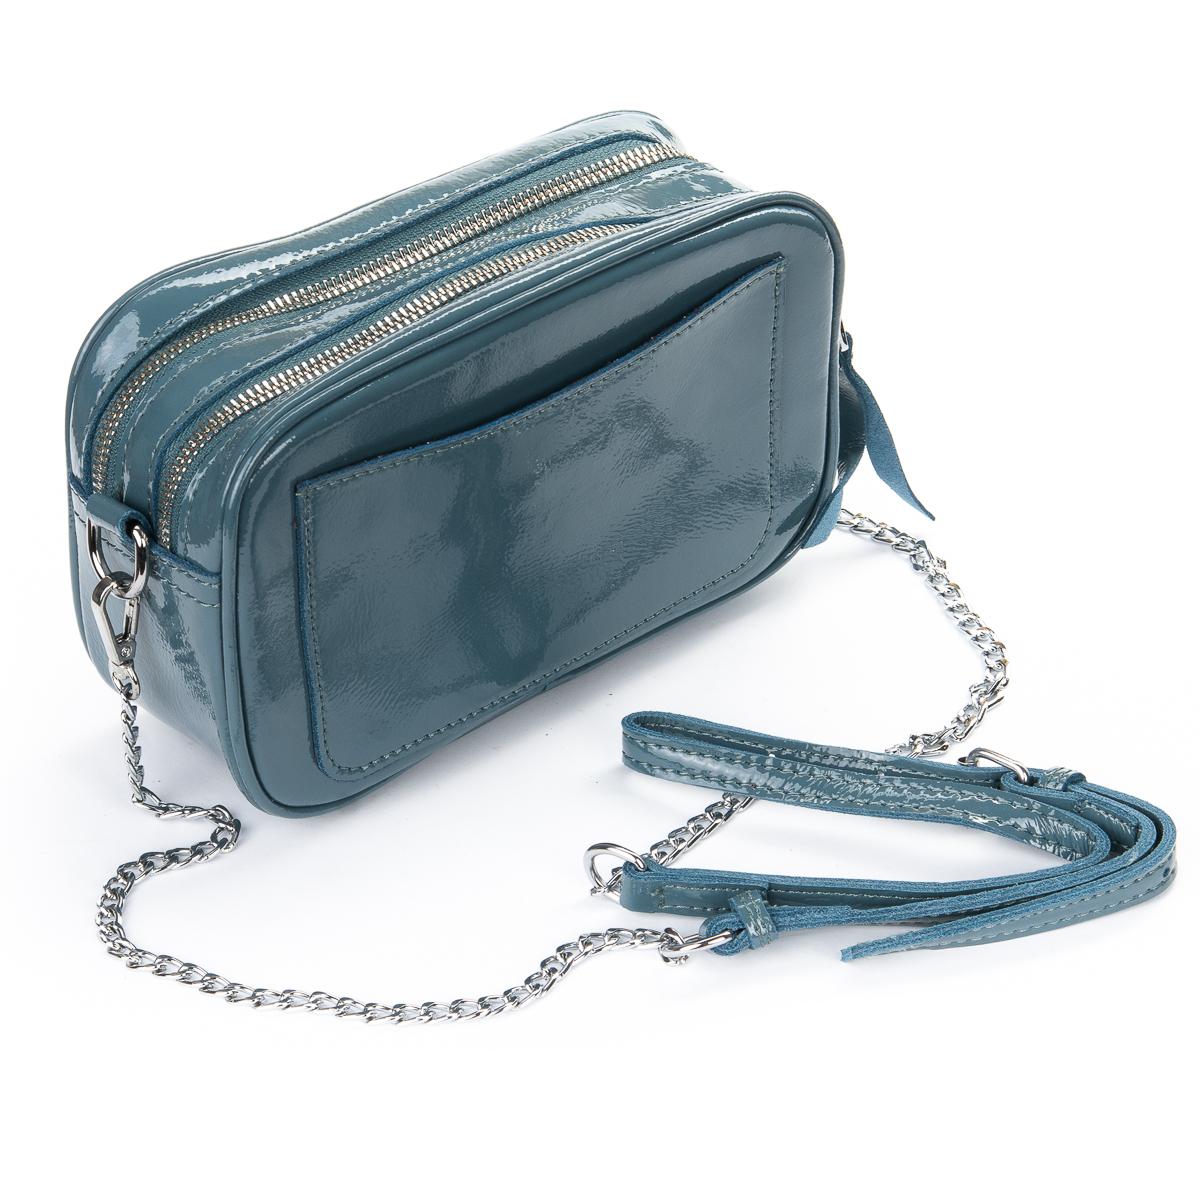 Сумка Женская Клатч кожа ALEX RAI 06-1 8736-3 l-blue - фото 4